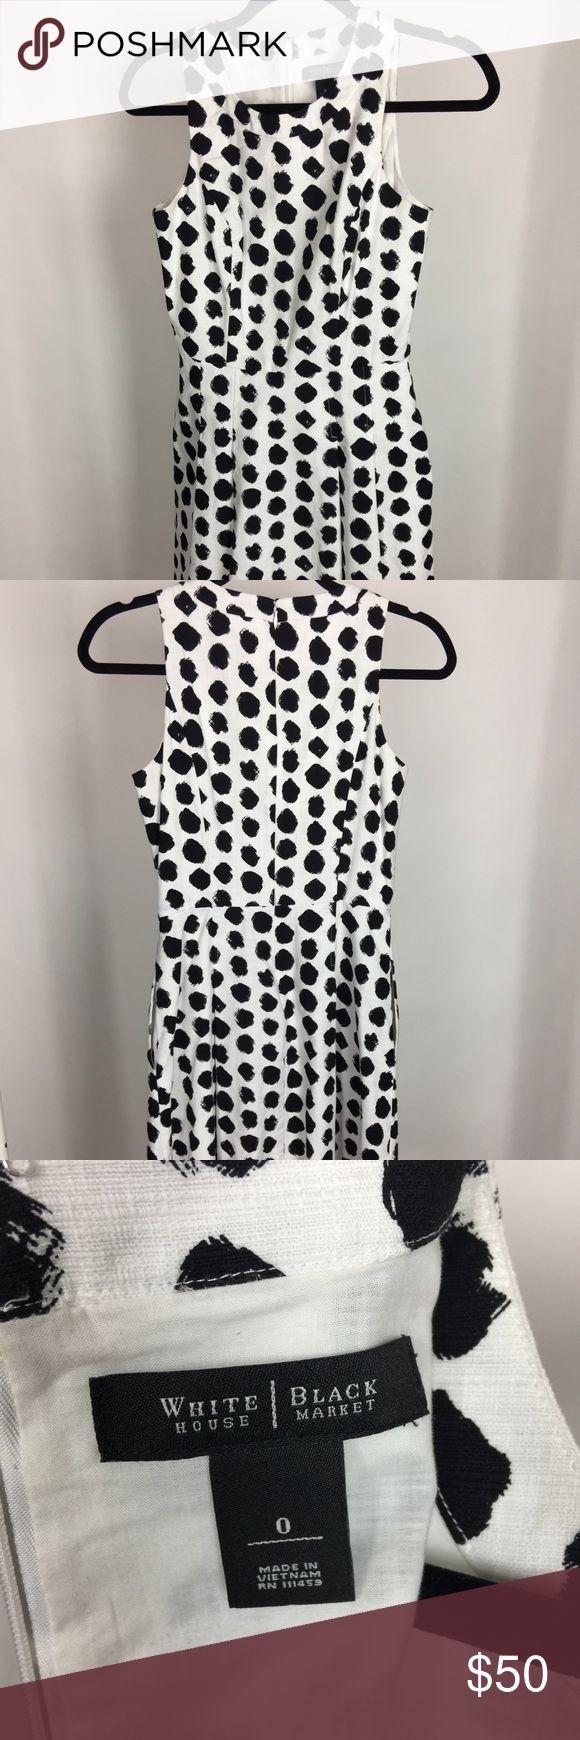 White House Black Market Polka Dot Work Dress Lovely dress for work or event White House Black Market Dresses Strapless